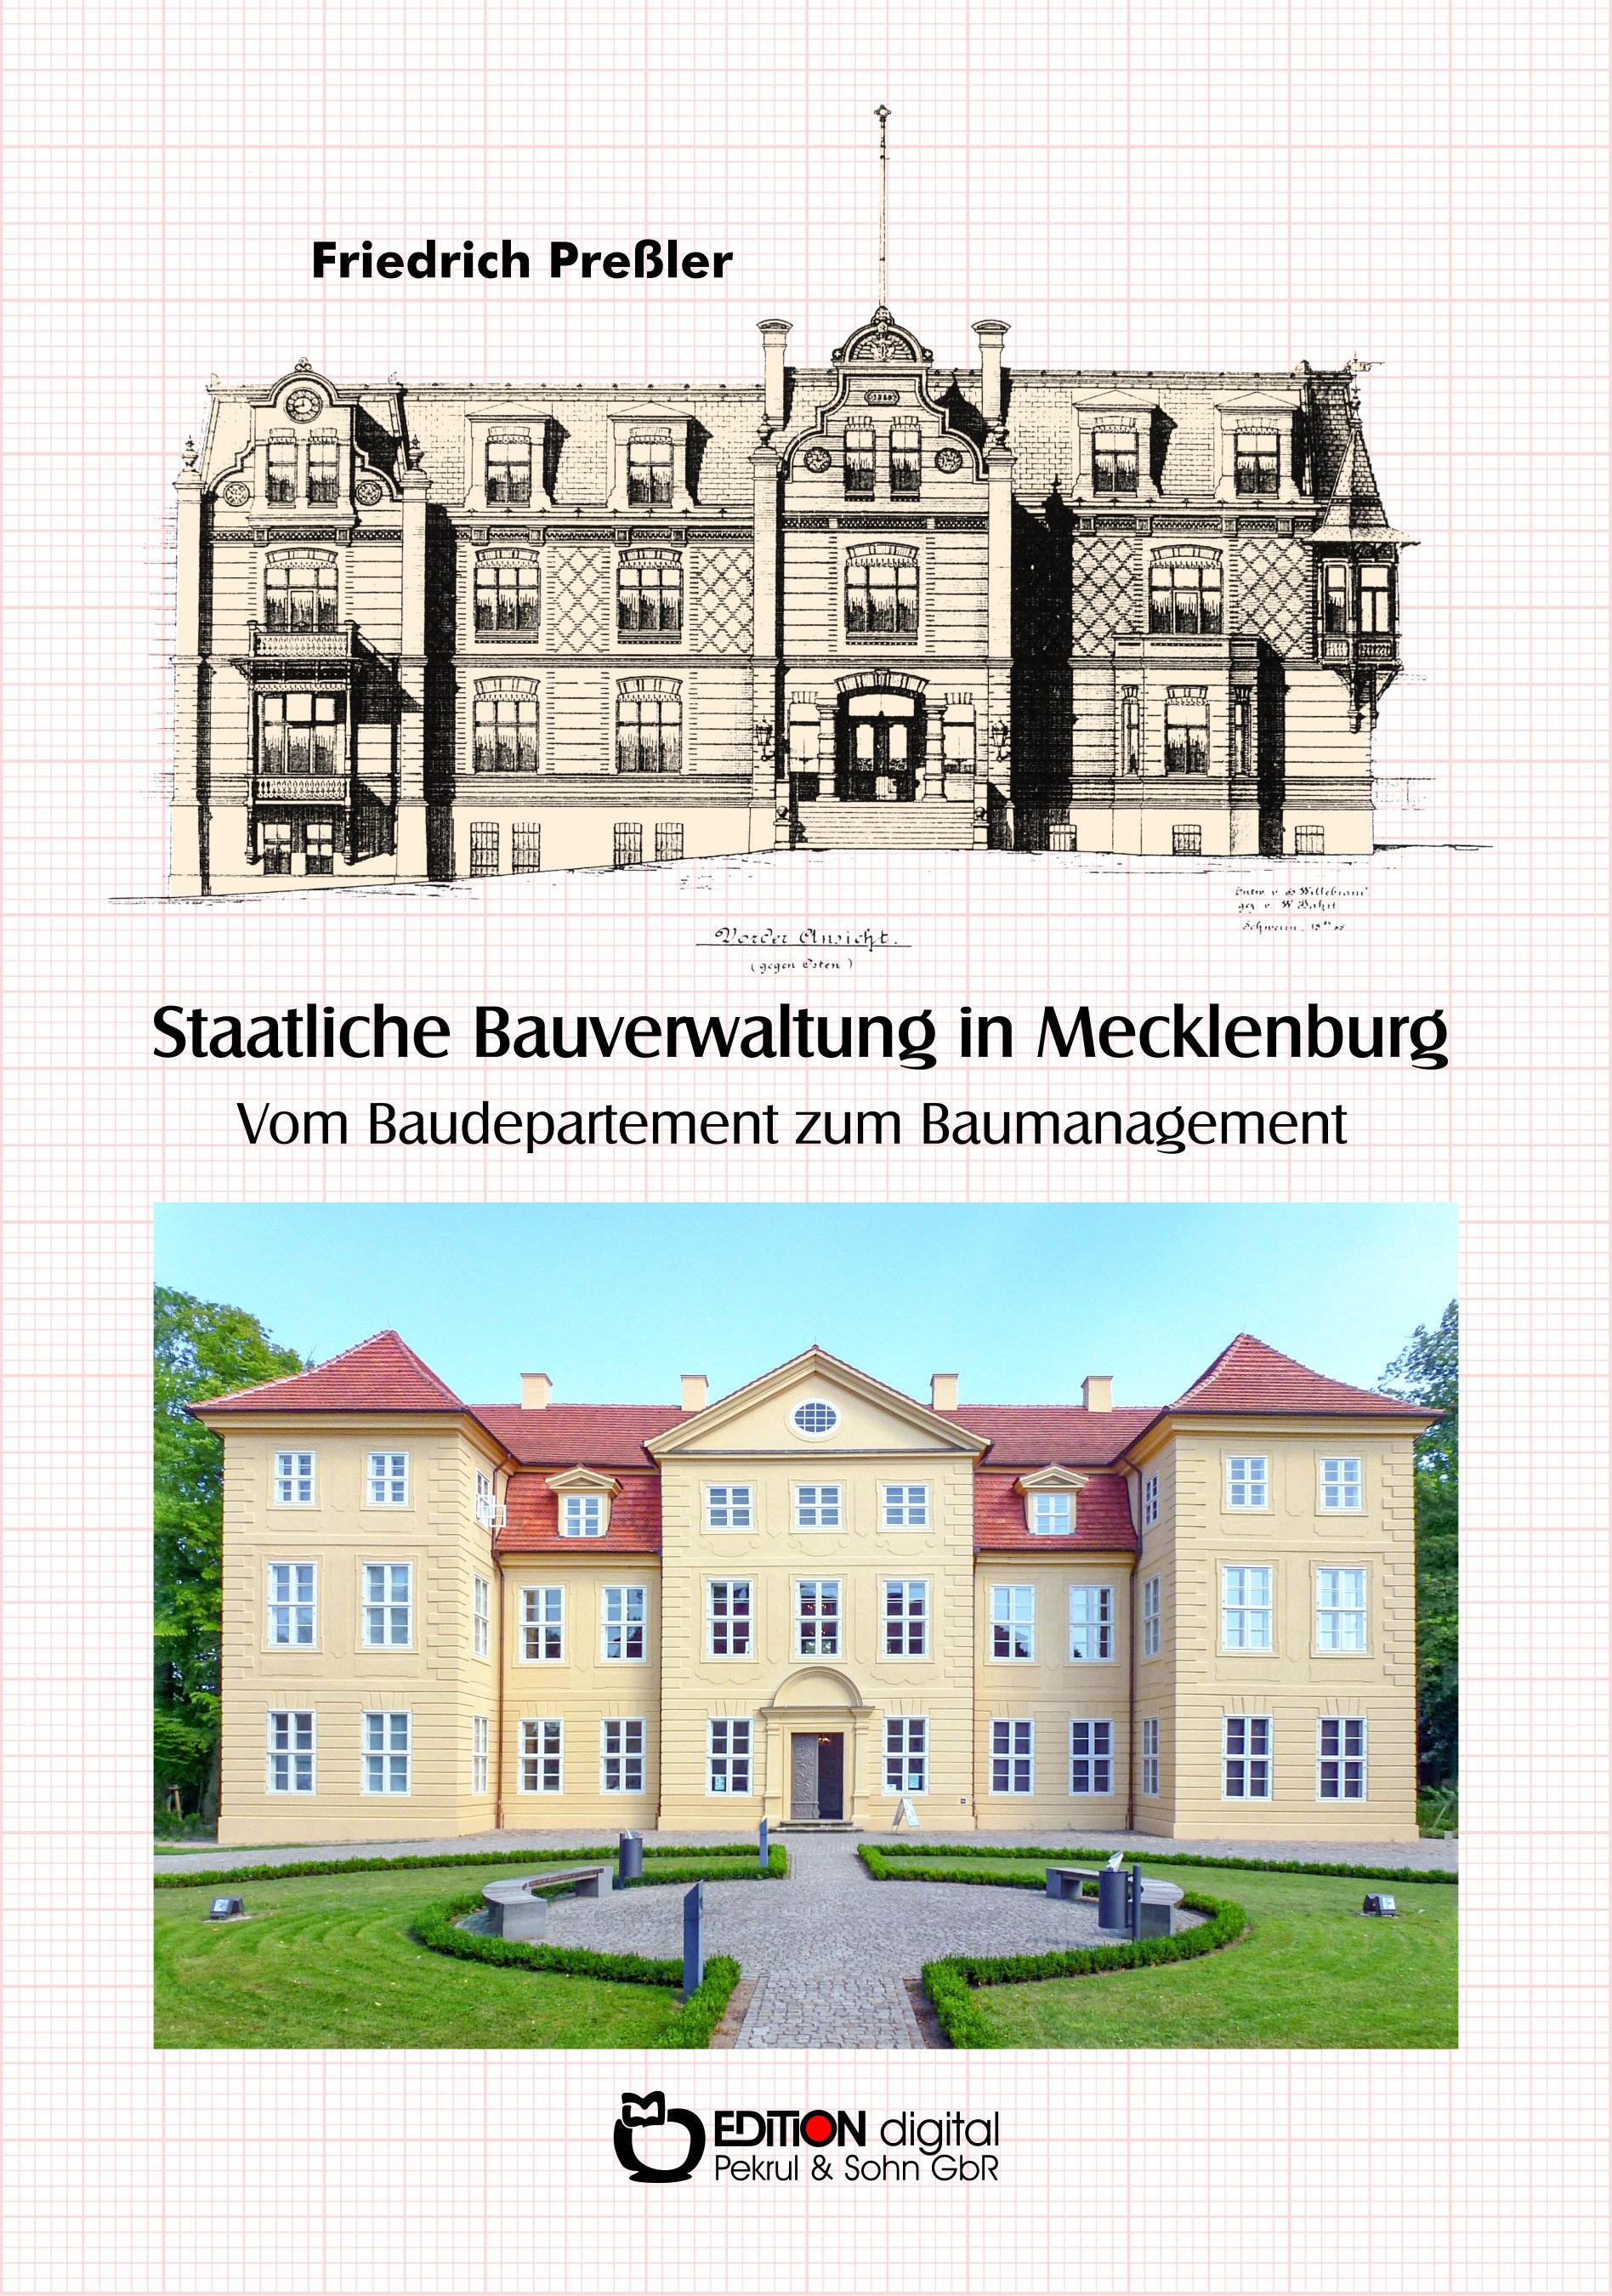 Staatliche Bauverwaltung in Mecklenburg. Vom Baudepartement zum Baumanagement von Friedrich Preßler